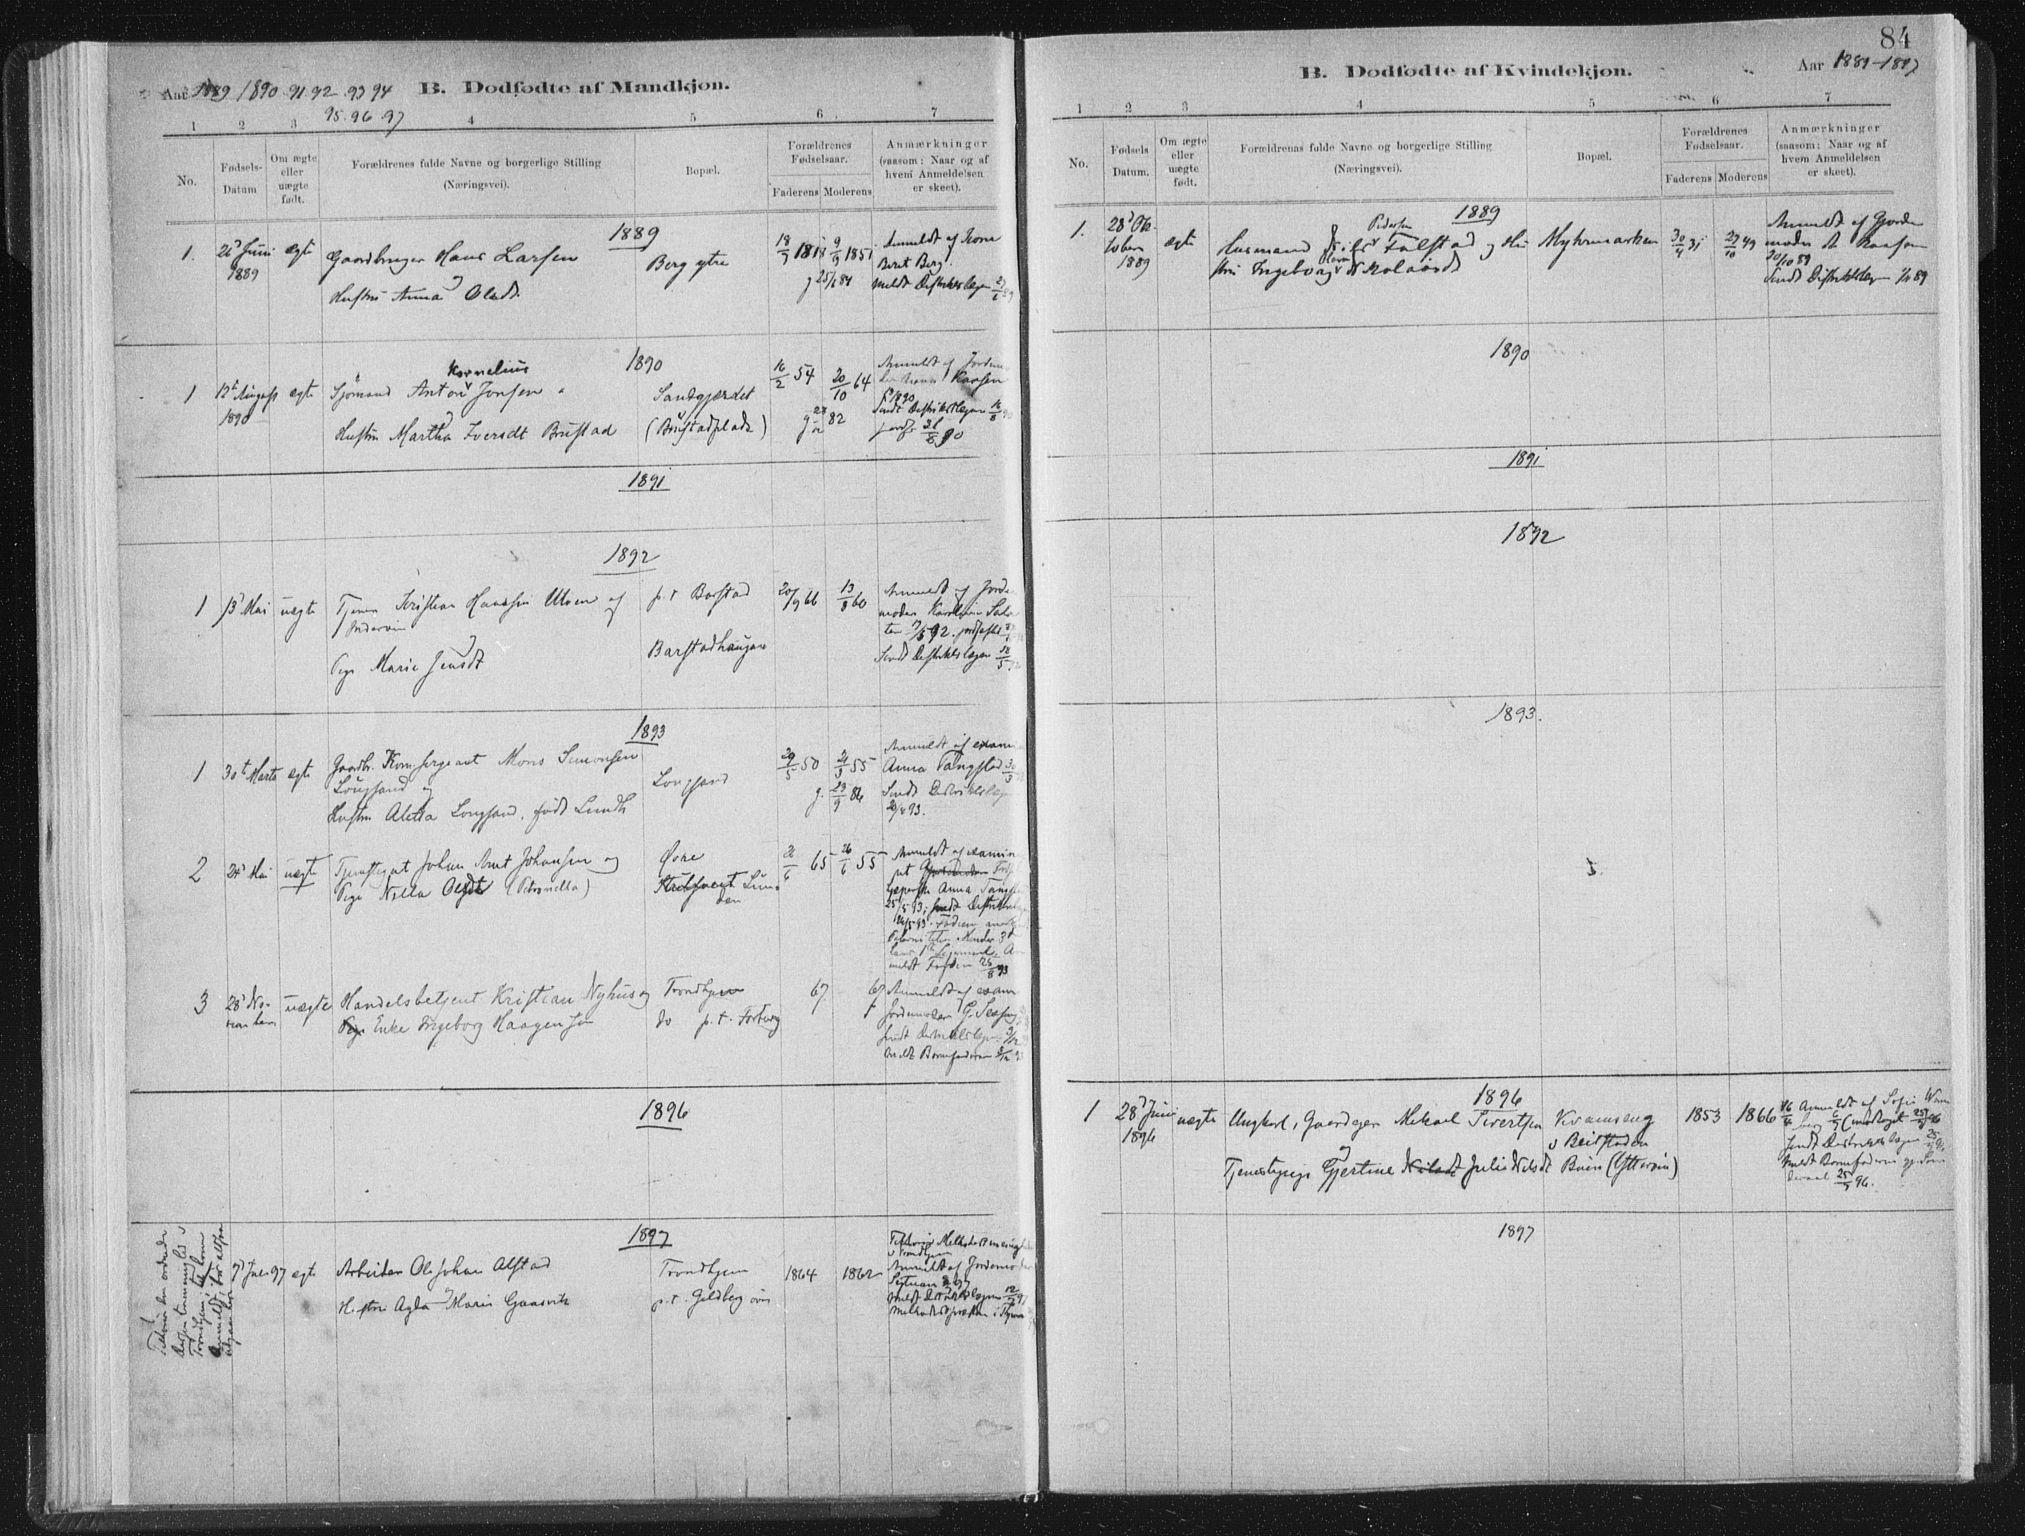 SAT, Ministerialprotokoller, klokkerbøker og fødselsregistre - Nord-Trøndelag, 722/L0220: Ministerialbok nr. 722A07, 1881-1908, s. 84